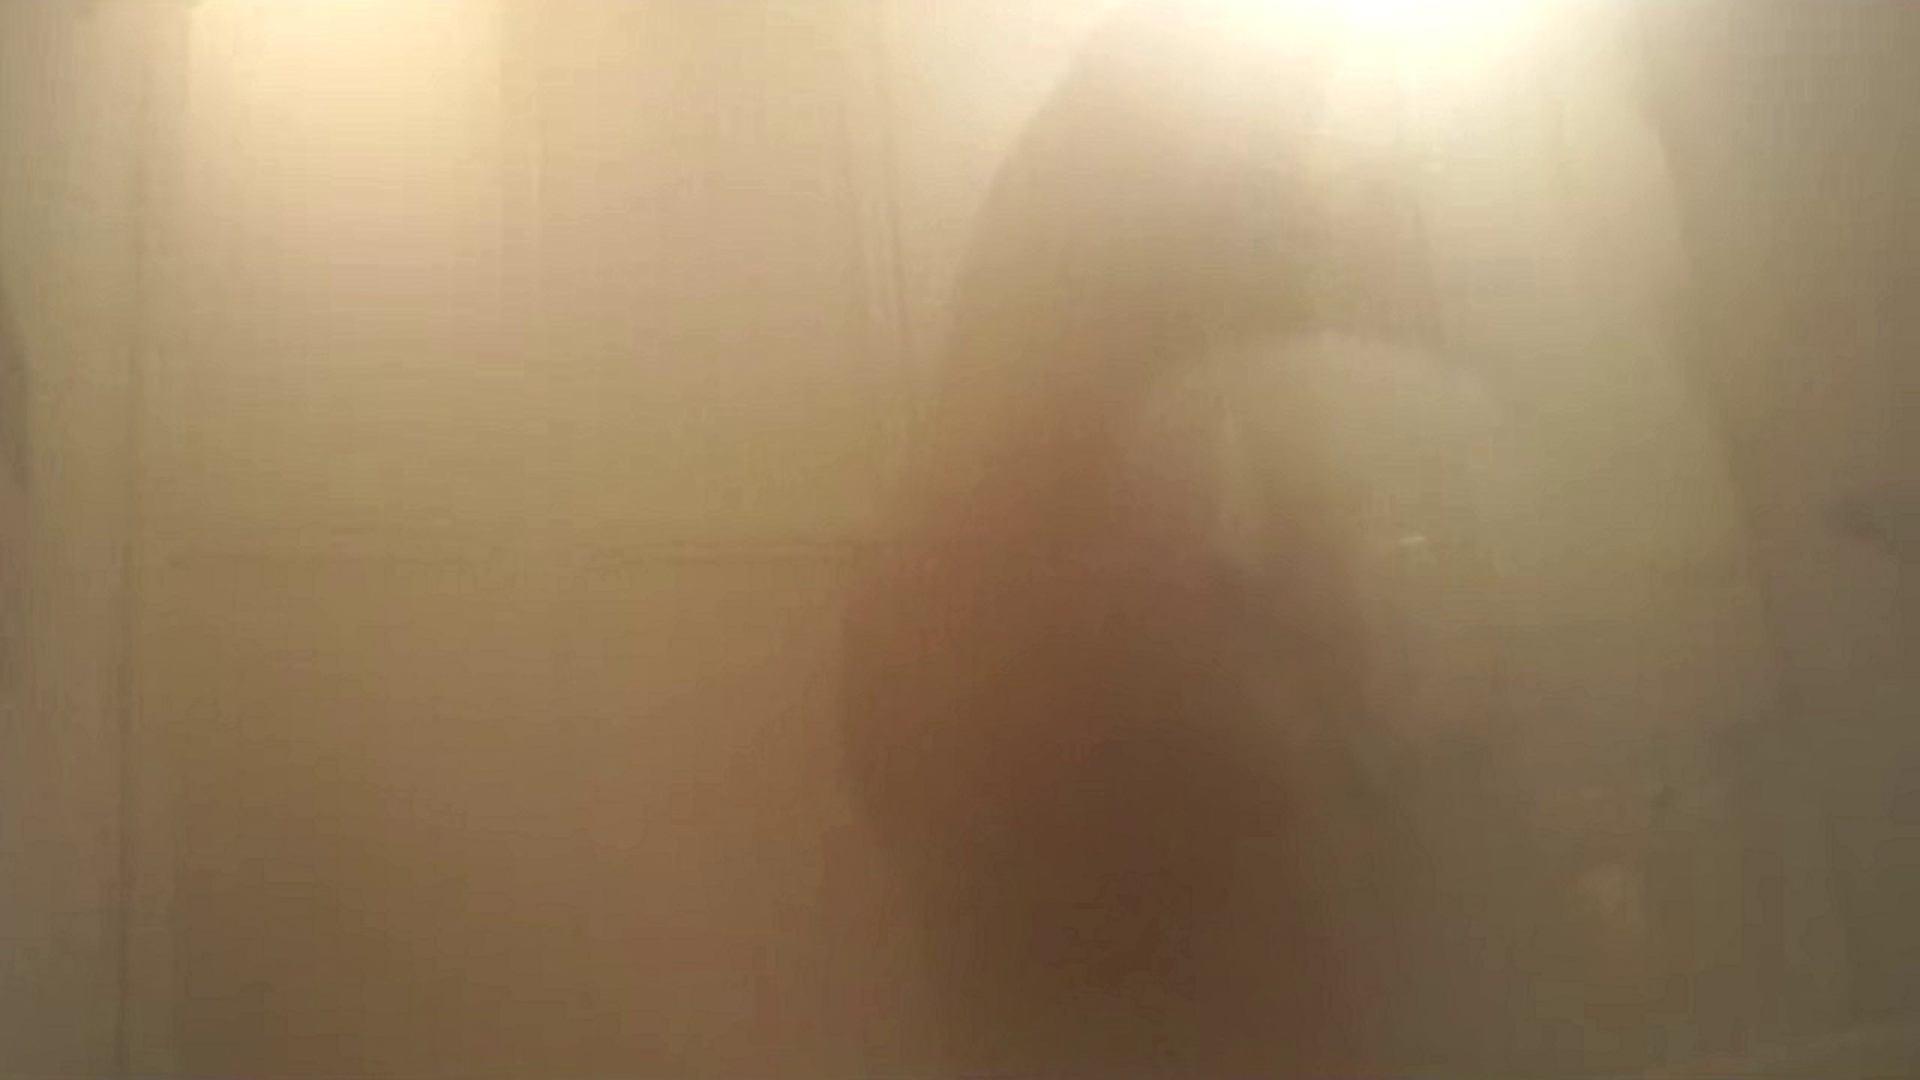 vol.1 よく成長し女性らしい体付きになりましたね シャワー室 AV無料 84枚 75